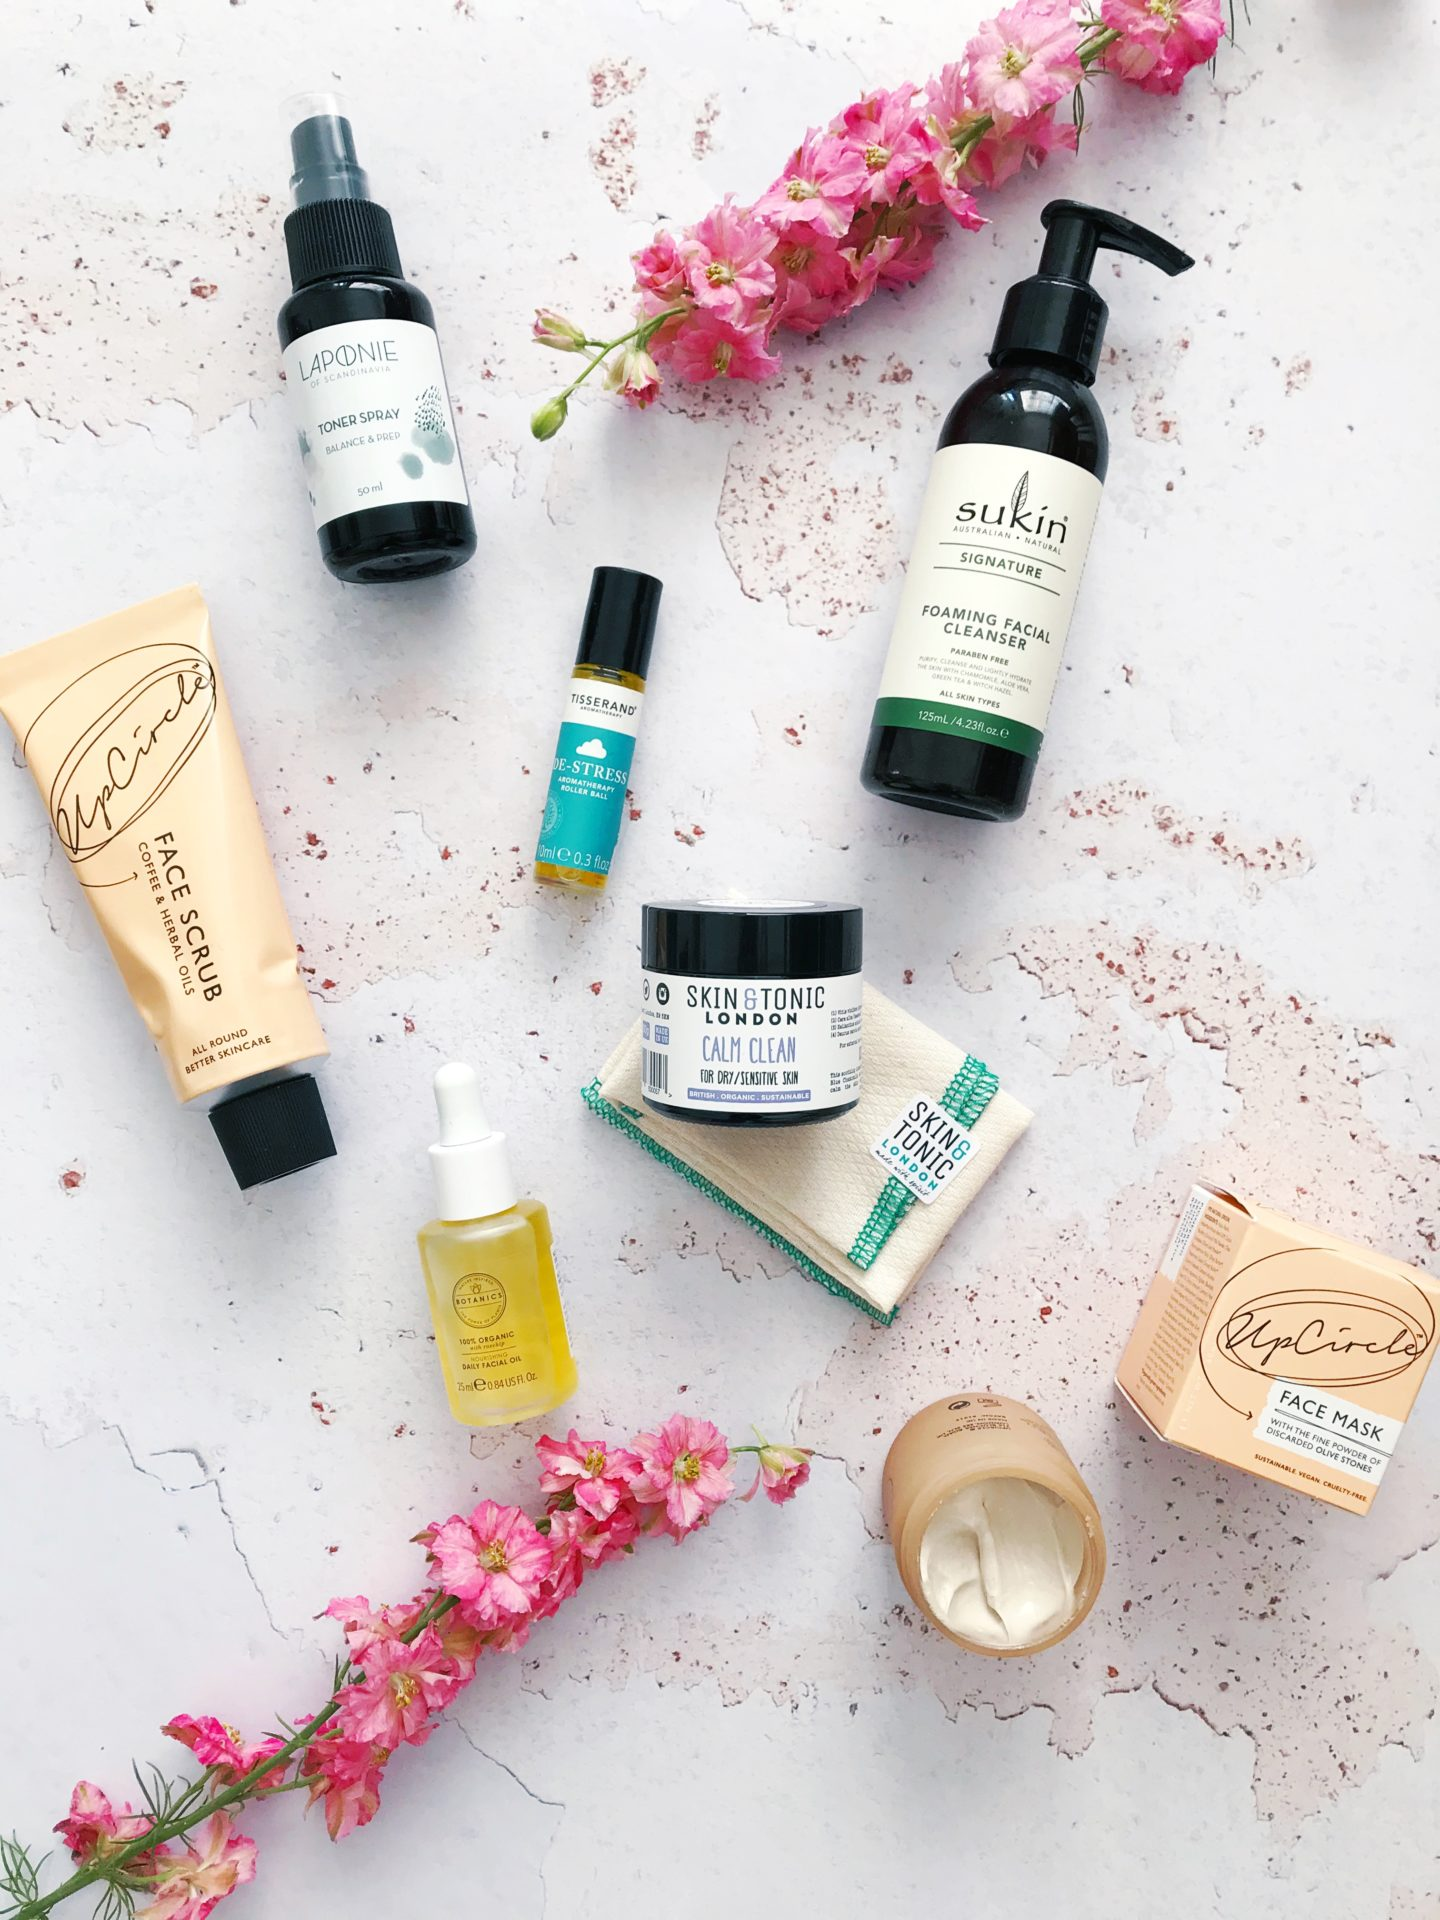 My postpartum Skincare favourites